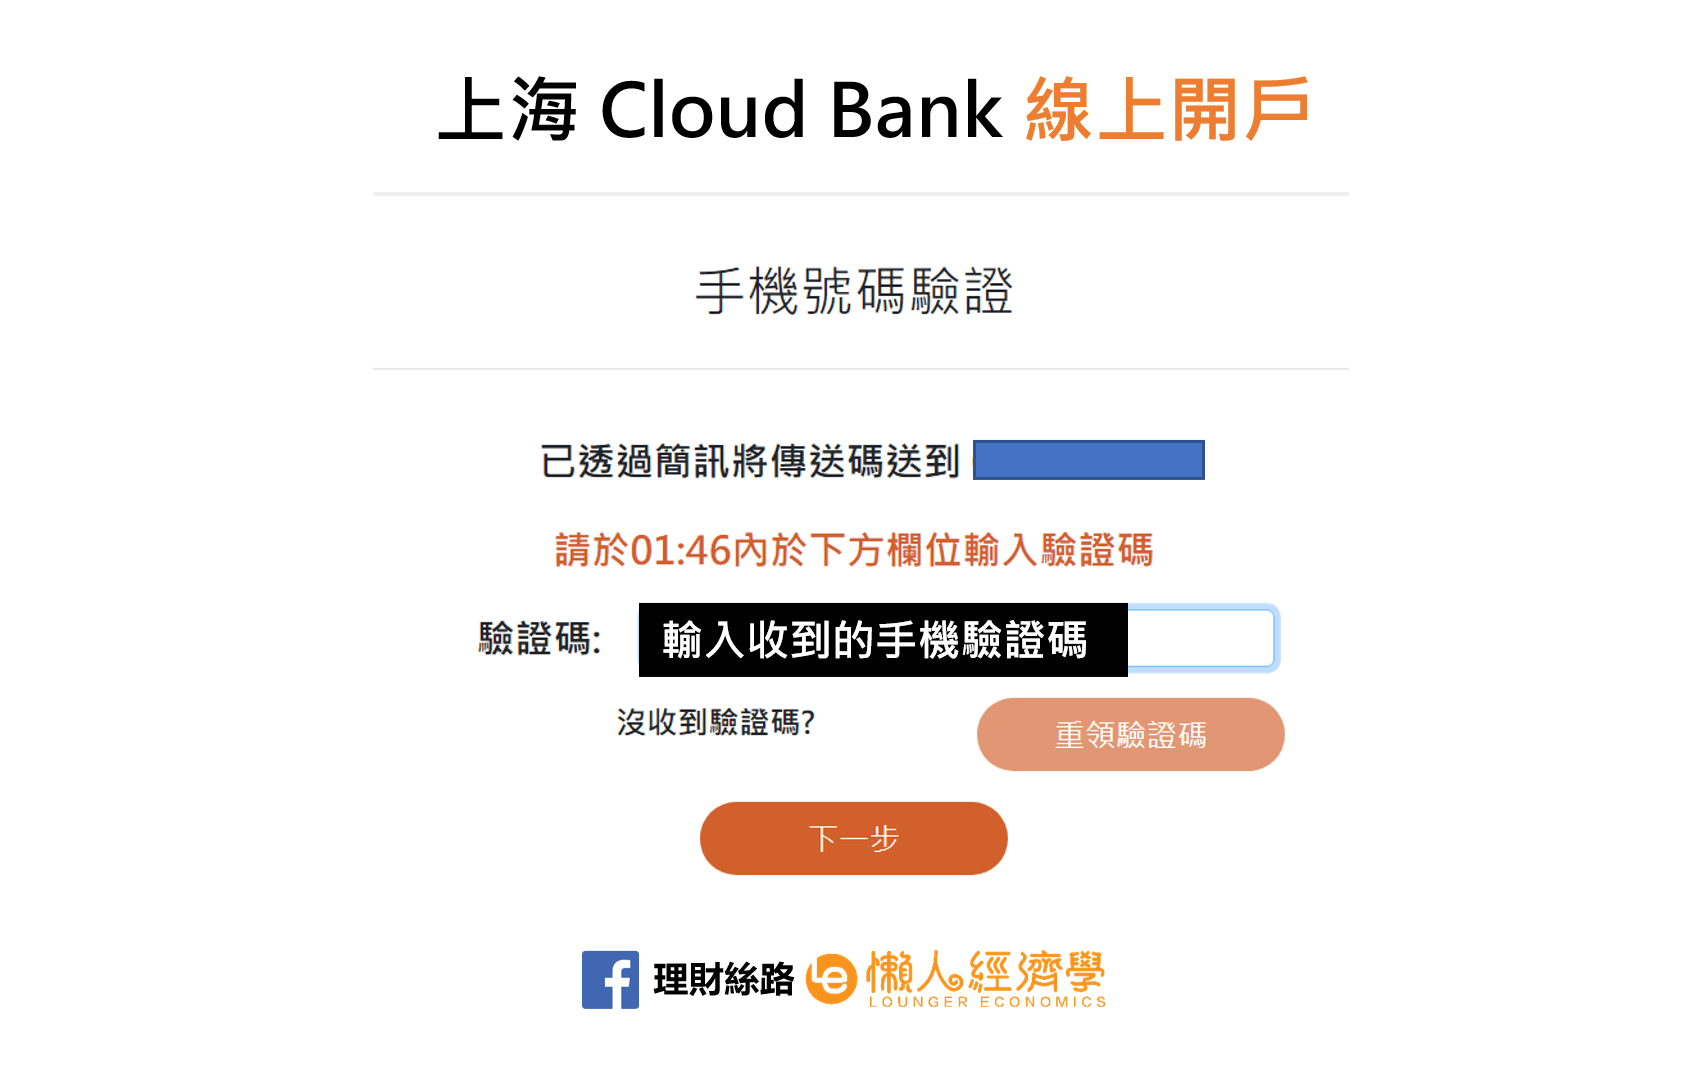 上海Cloud Bank開戶手機驗證